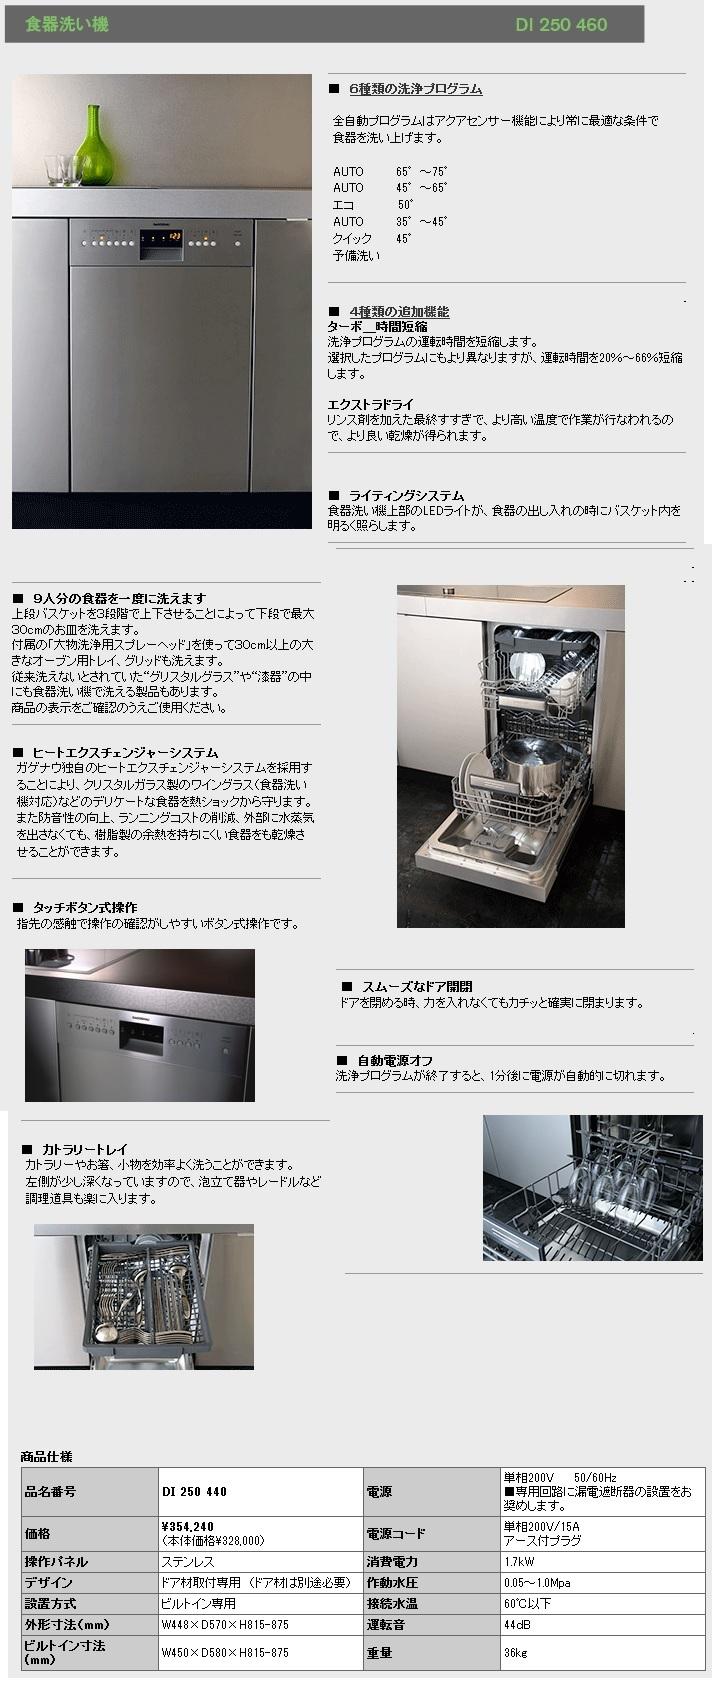 ガゲナウ 食器洗い機 商品説明